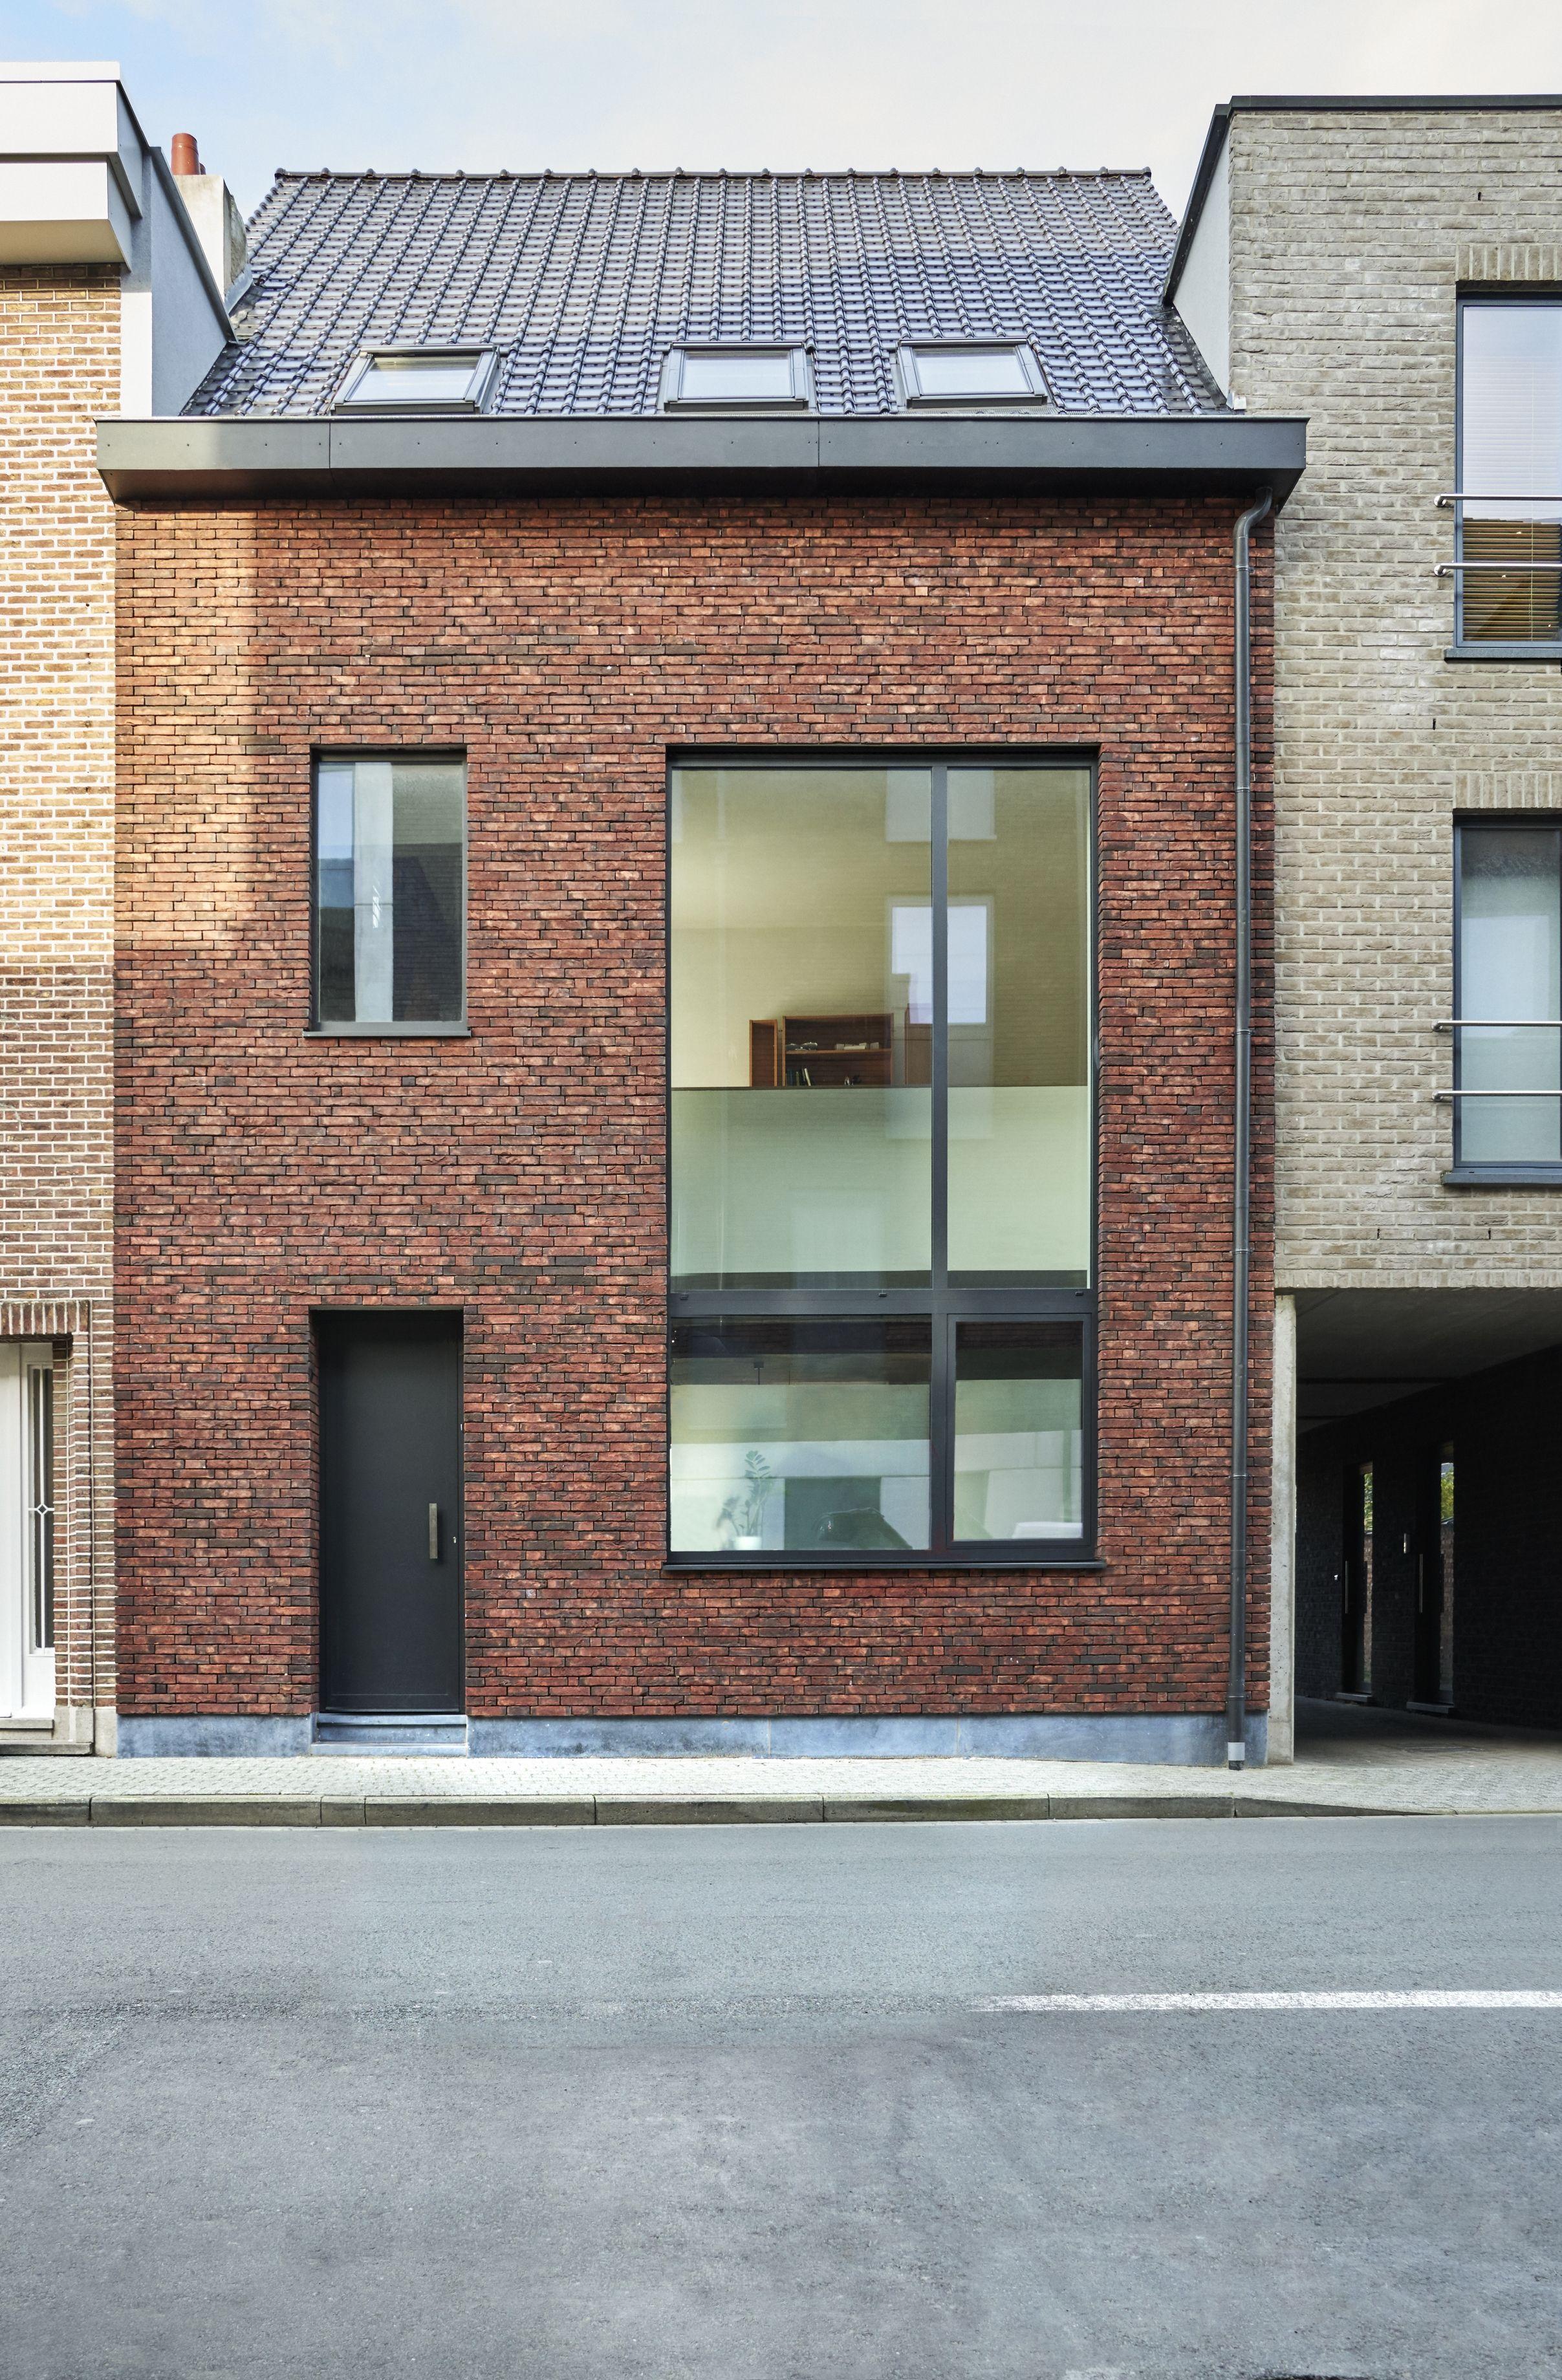 quelle est la plus value de votre habitation apr s une r novation de fa ade photo www. Black Bedroom Furniture Sets. Home Design Ideas